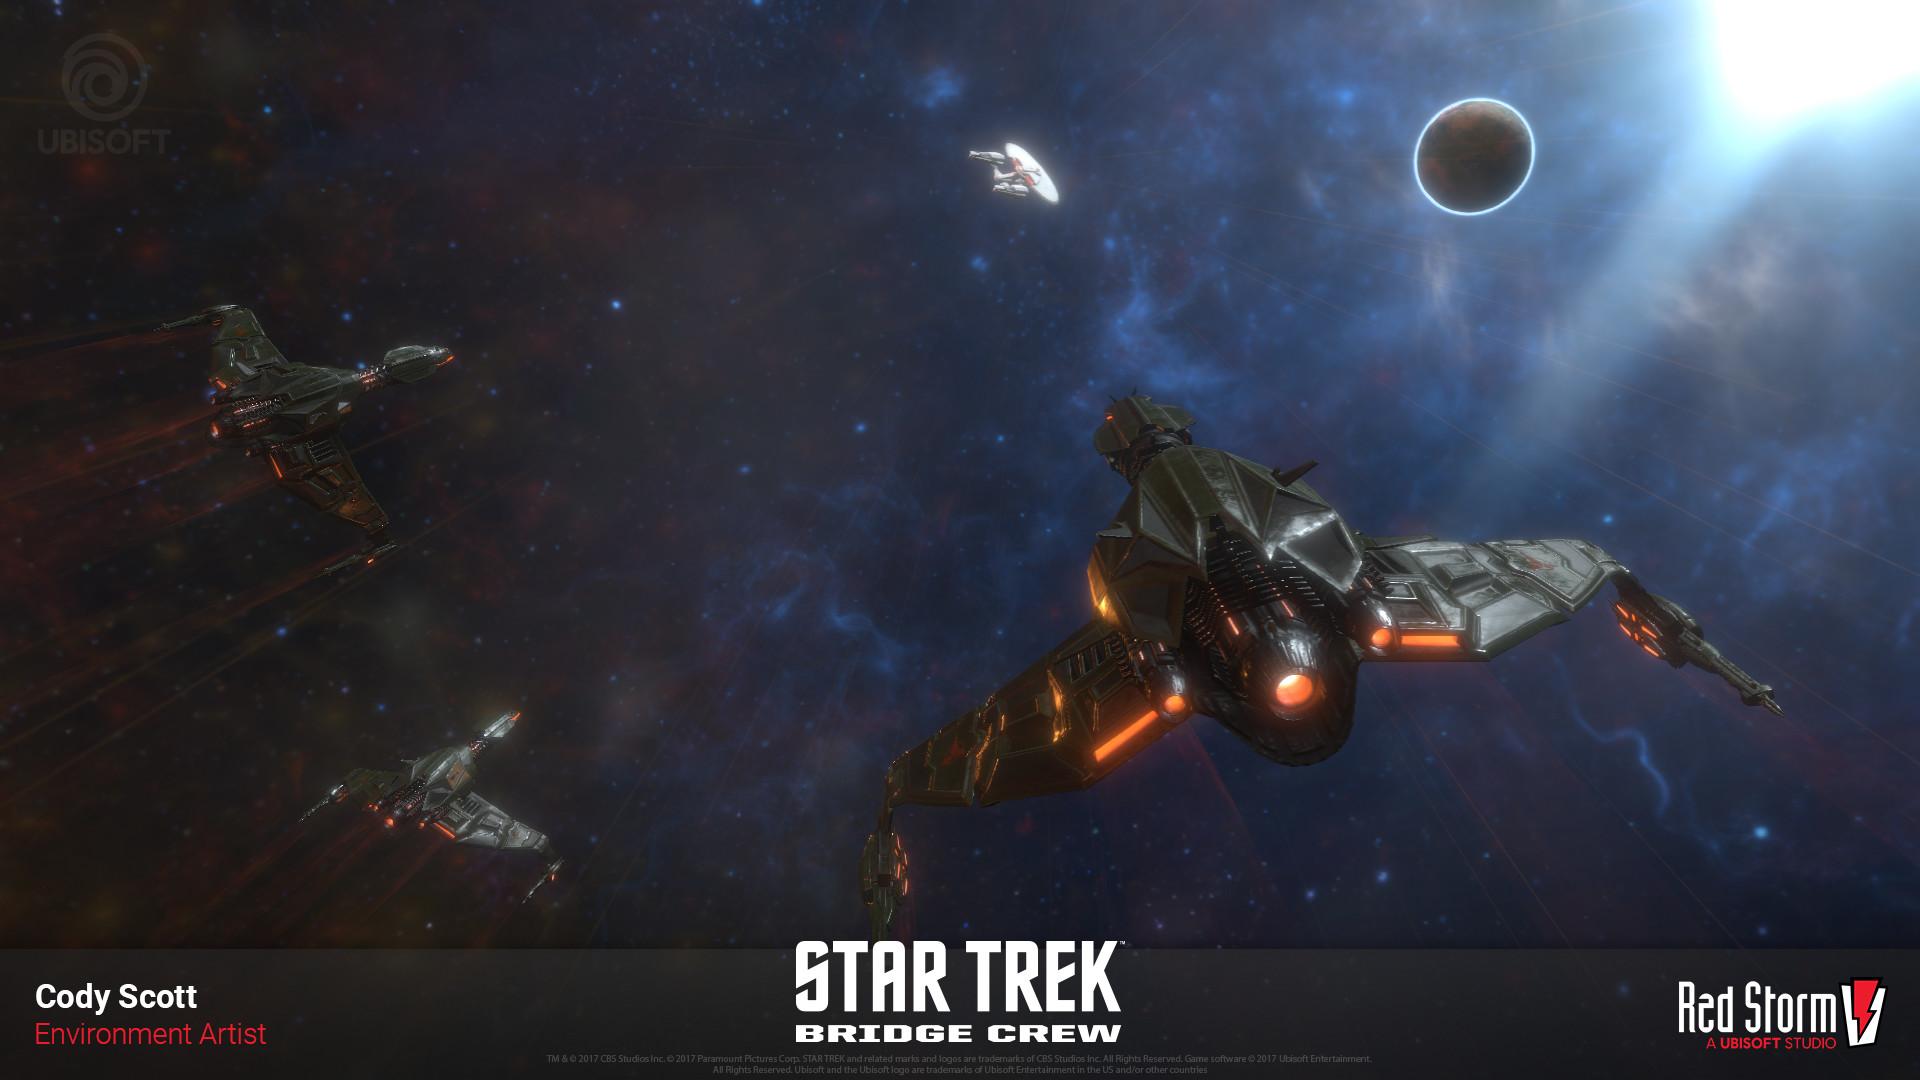 Star Trek Bird Of Prey Ship 2322081 Hd Wallpaper